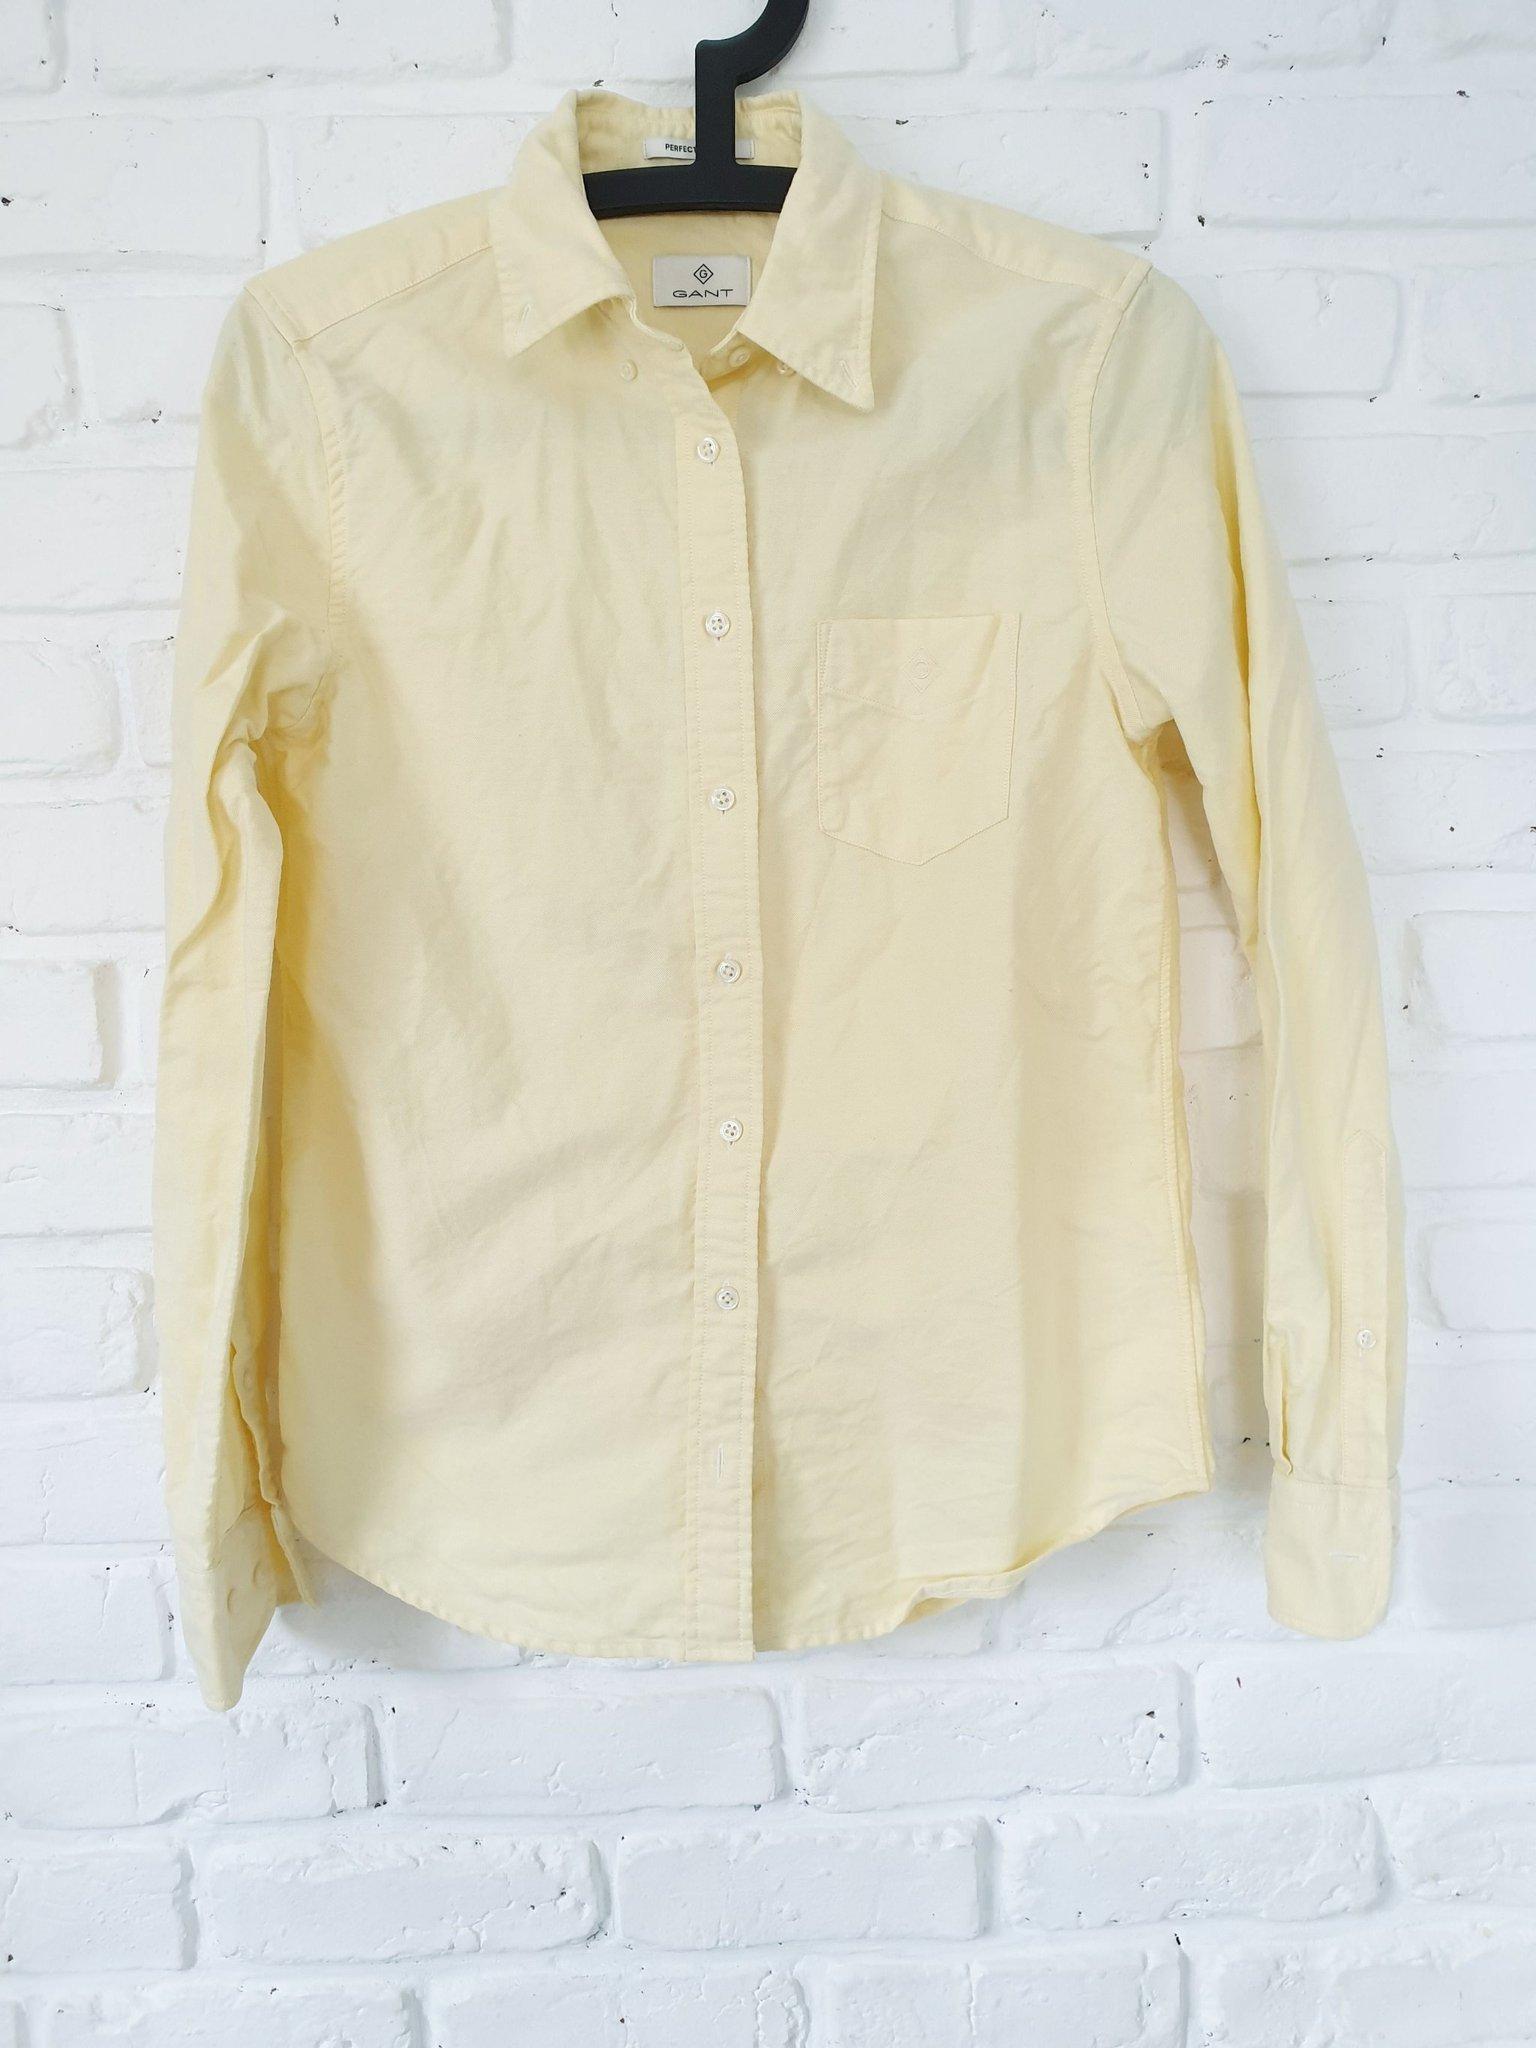 b0791c47c517 Gant skjorta strl 34 (352659124) ᐈ Köp på Tradera